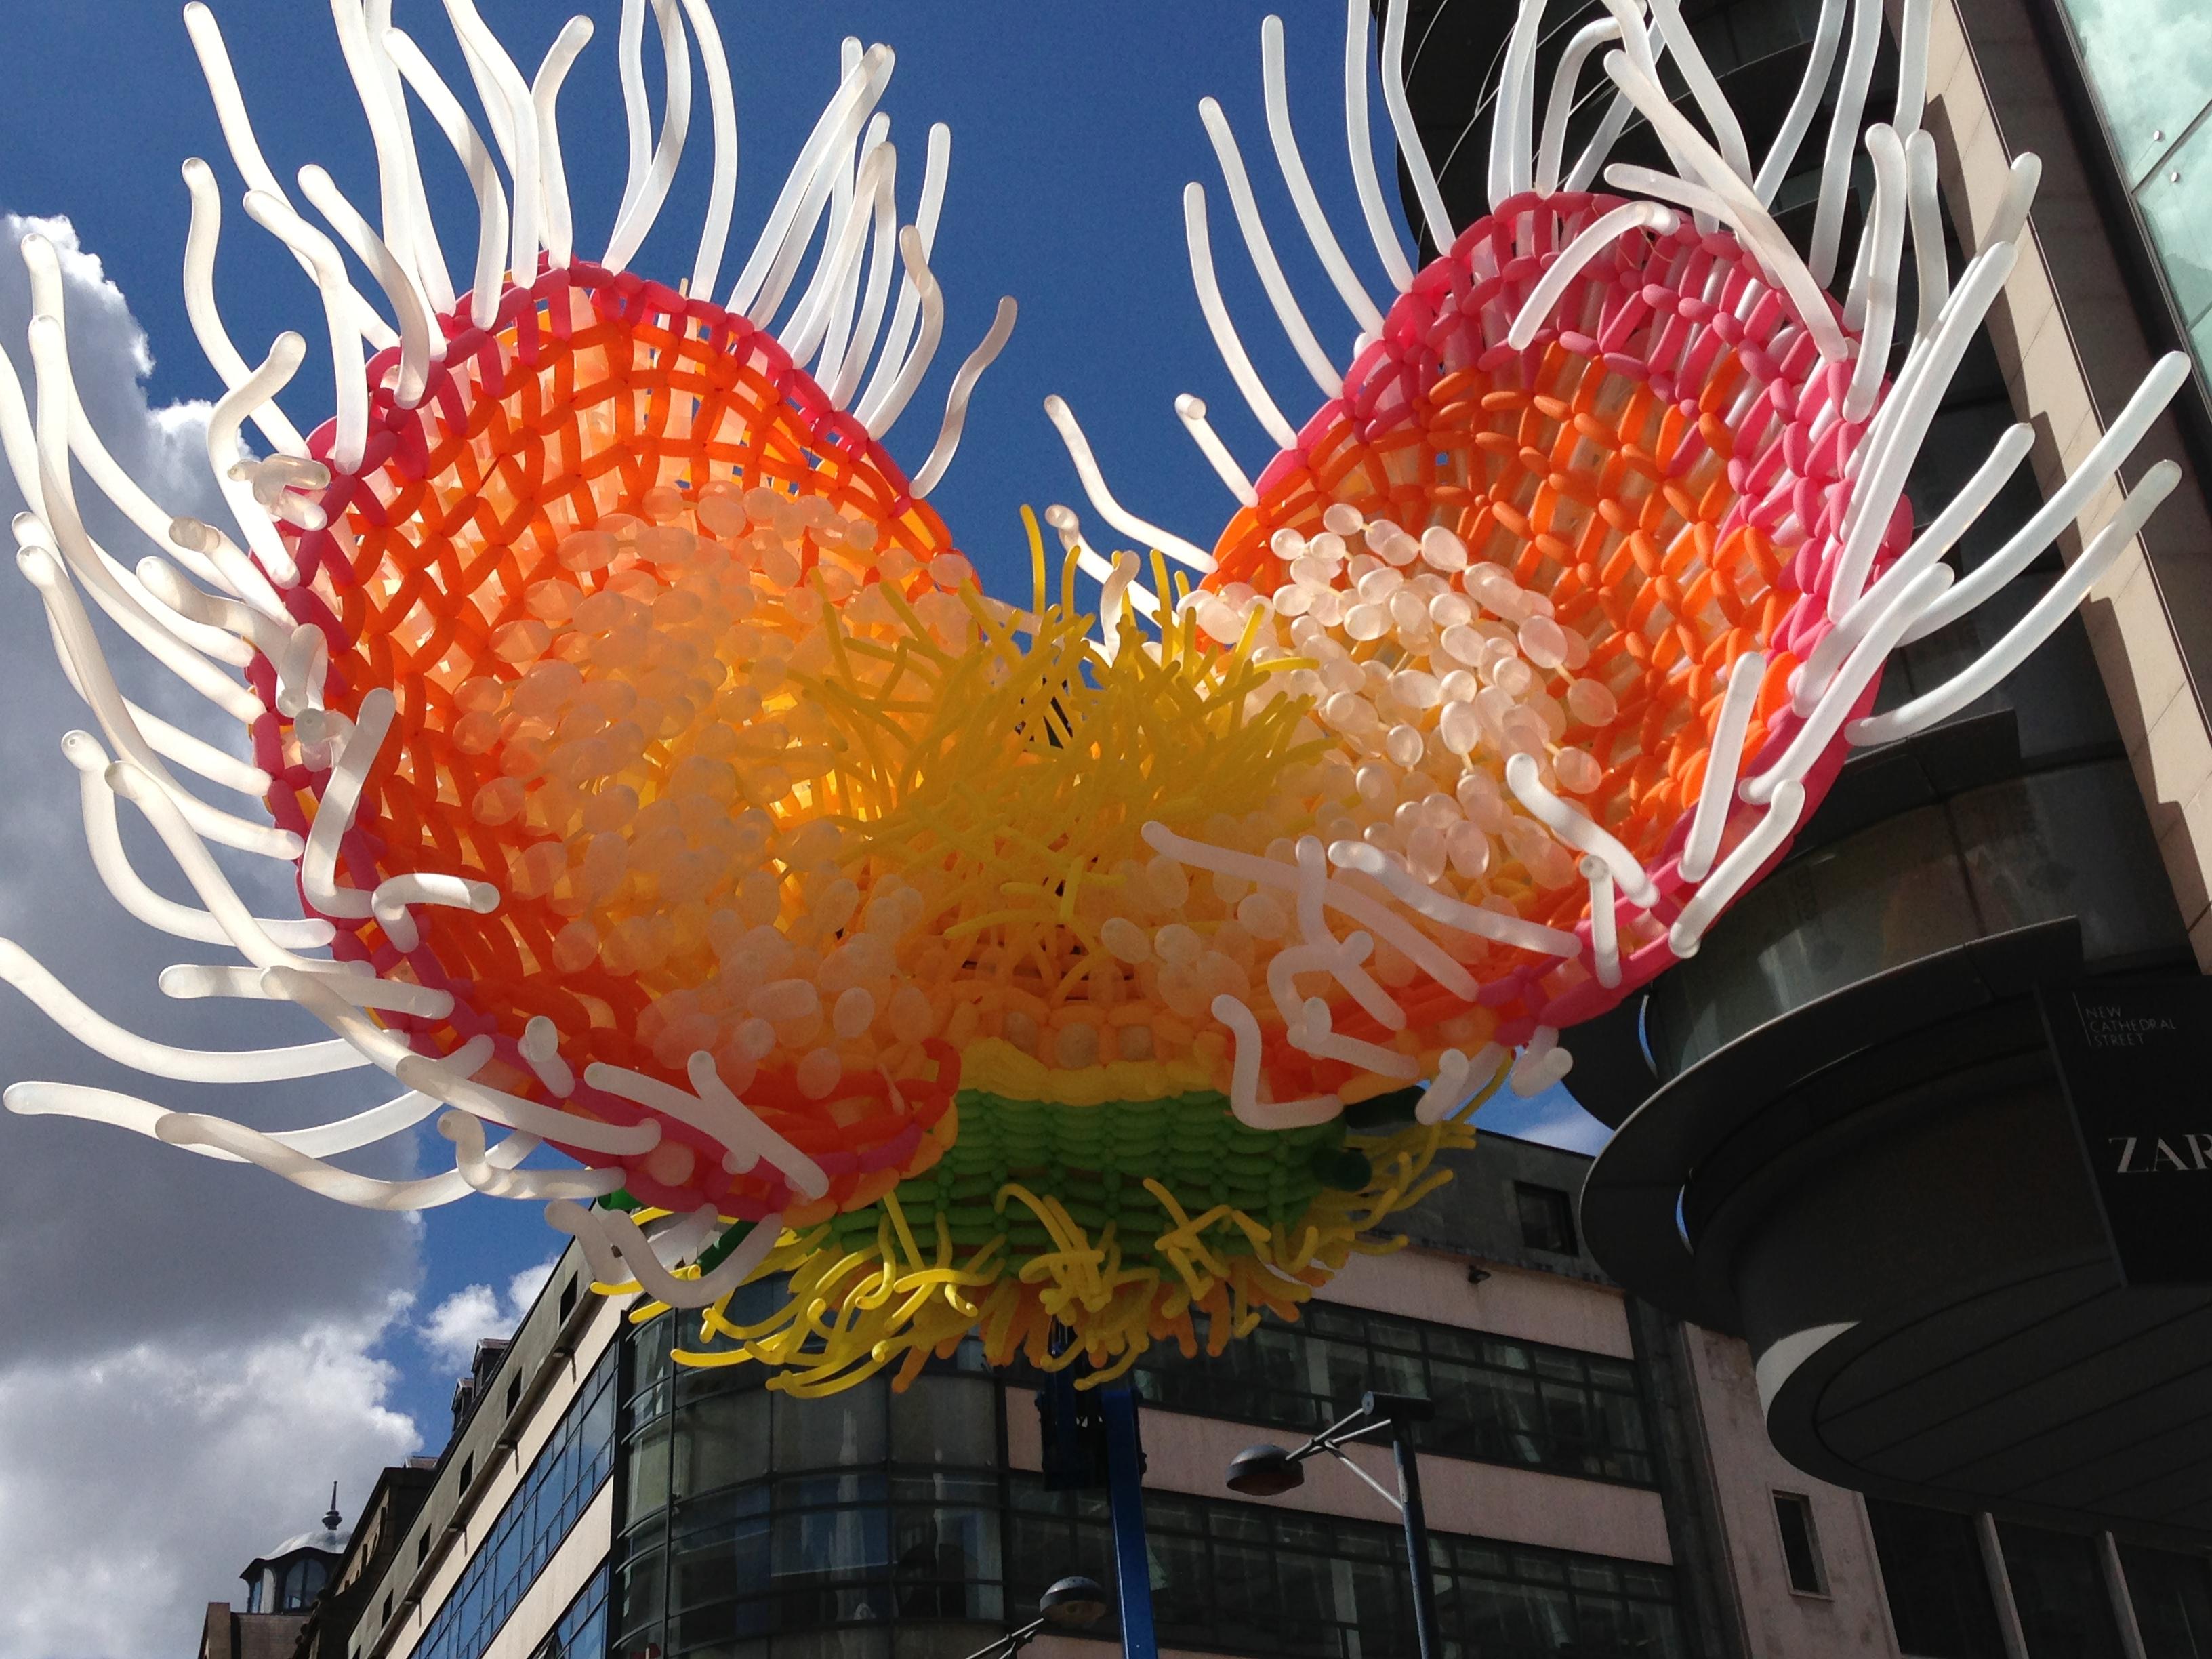 Giant balloon sculpture